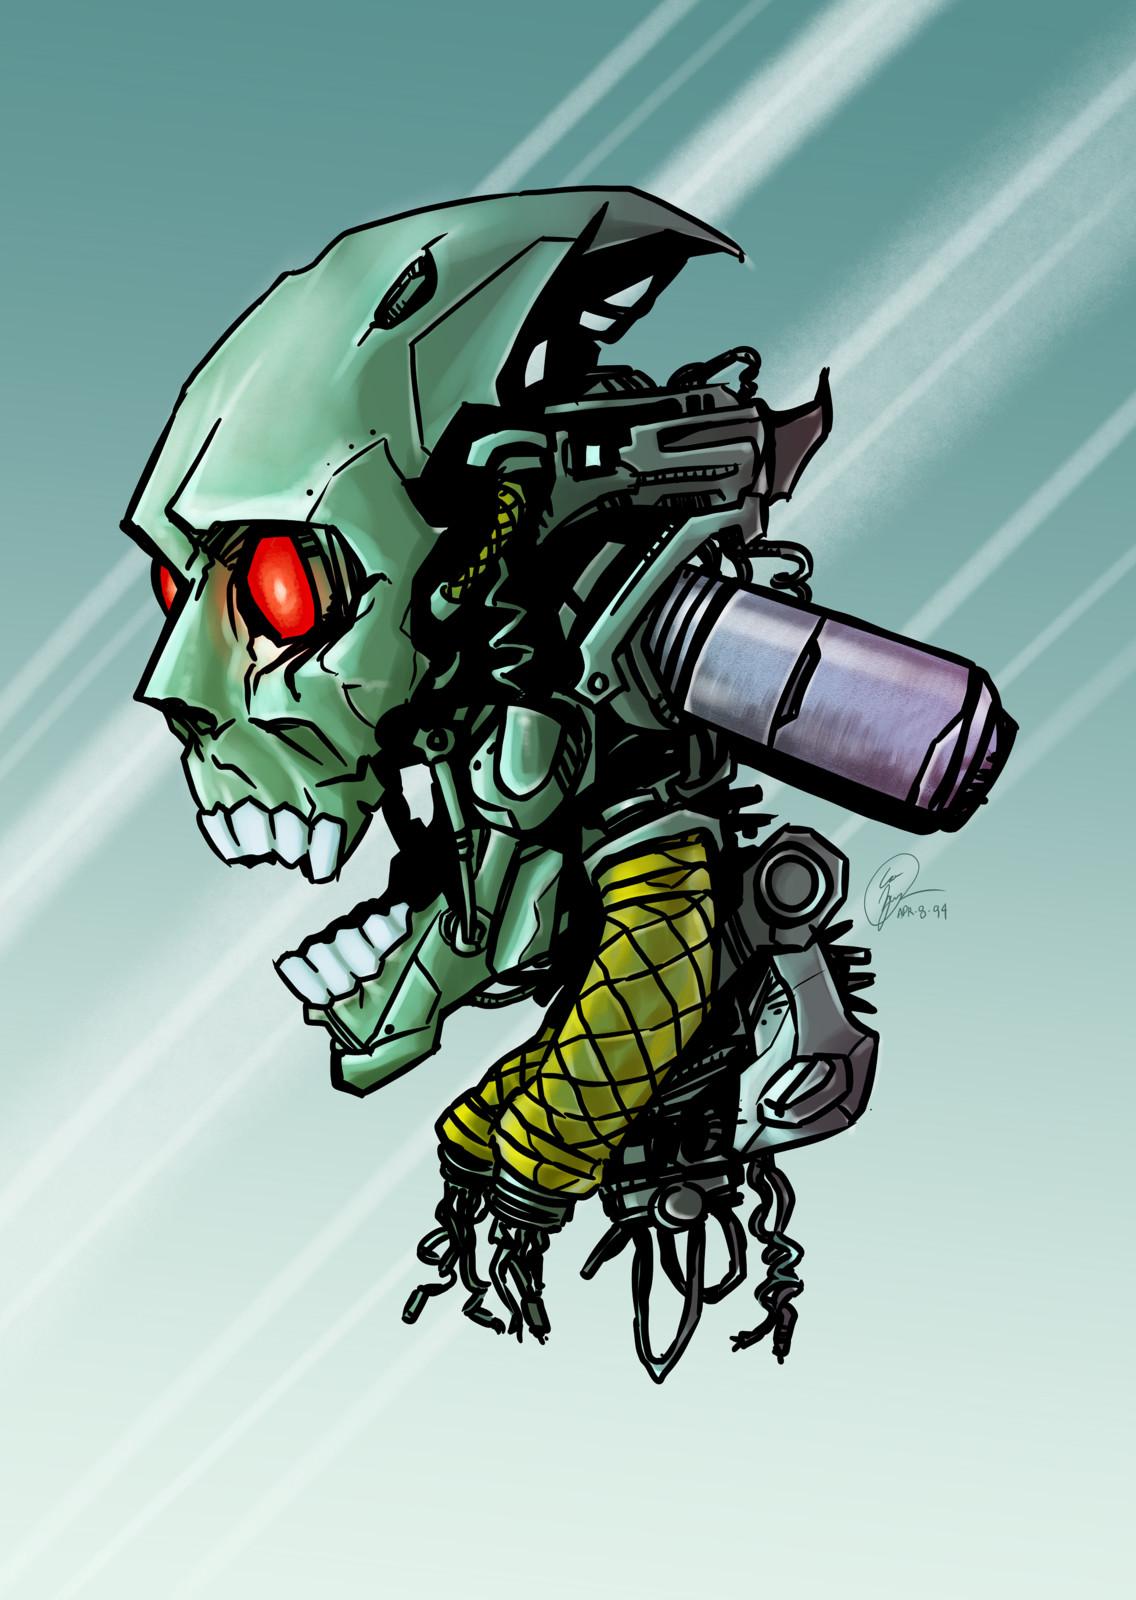 Exo-Skull concept